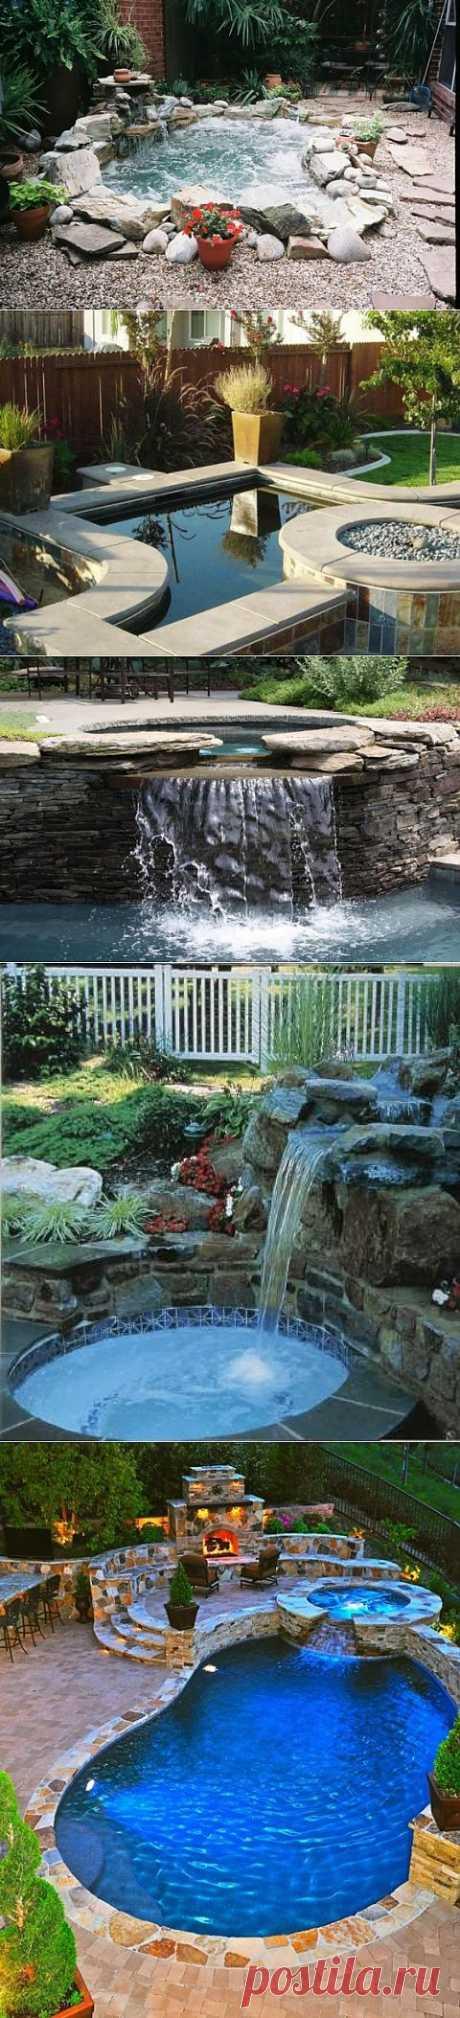 Ванна с гидромассажем в саду, 48 идей реализации | МАСТЕРА